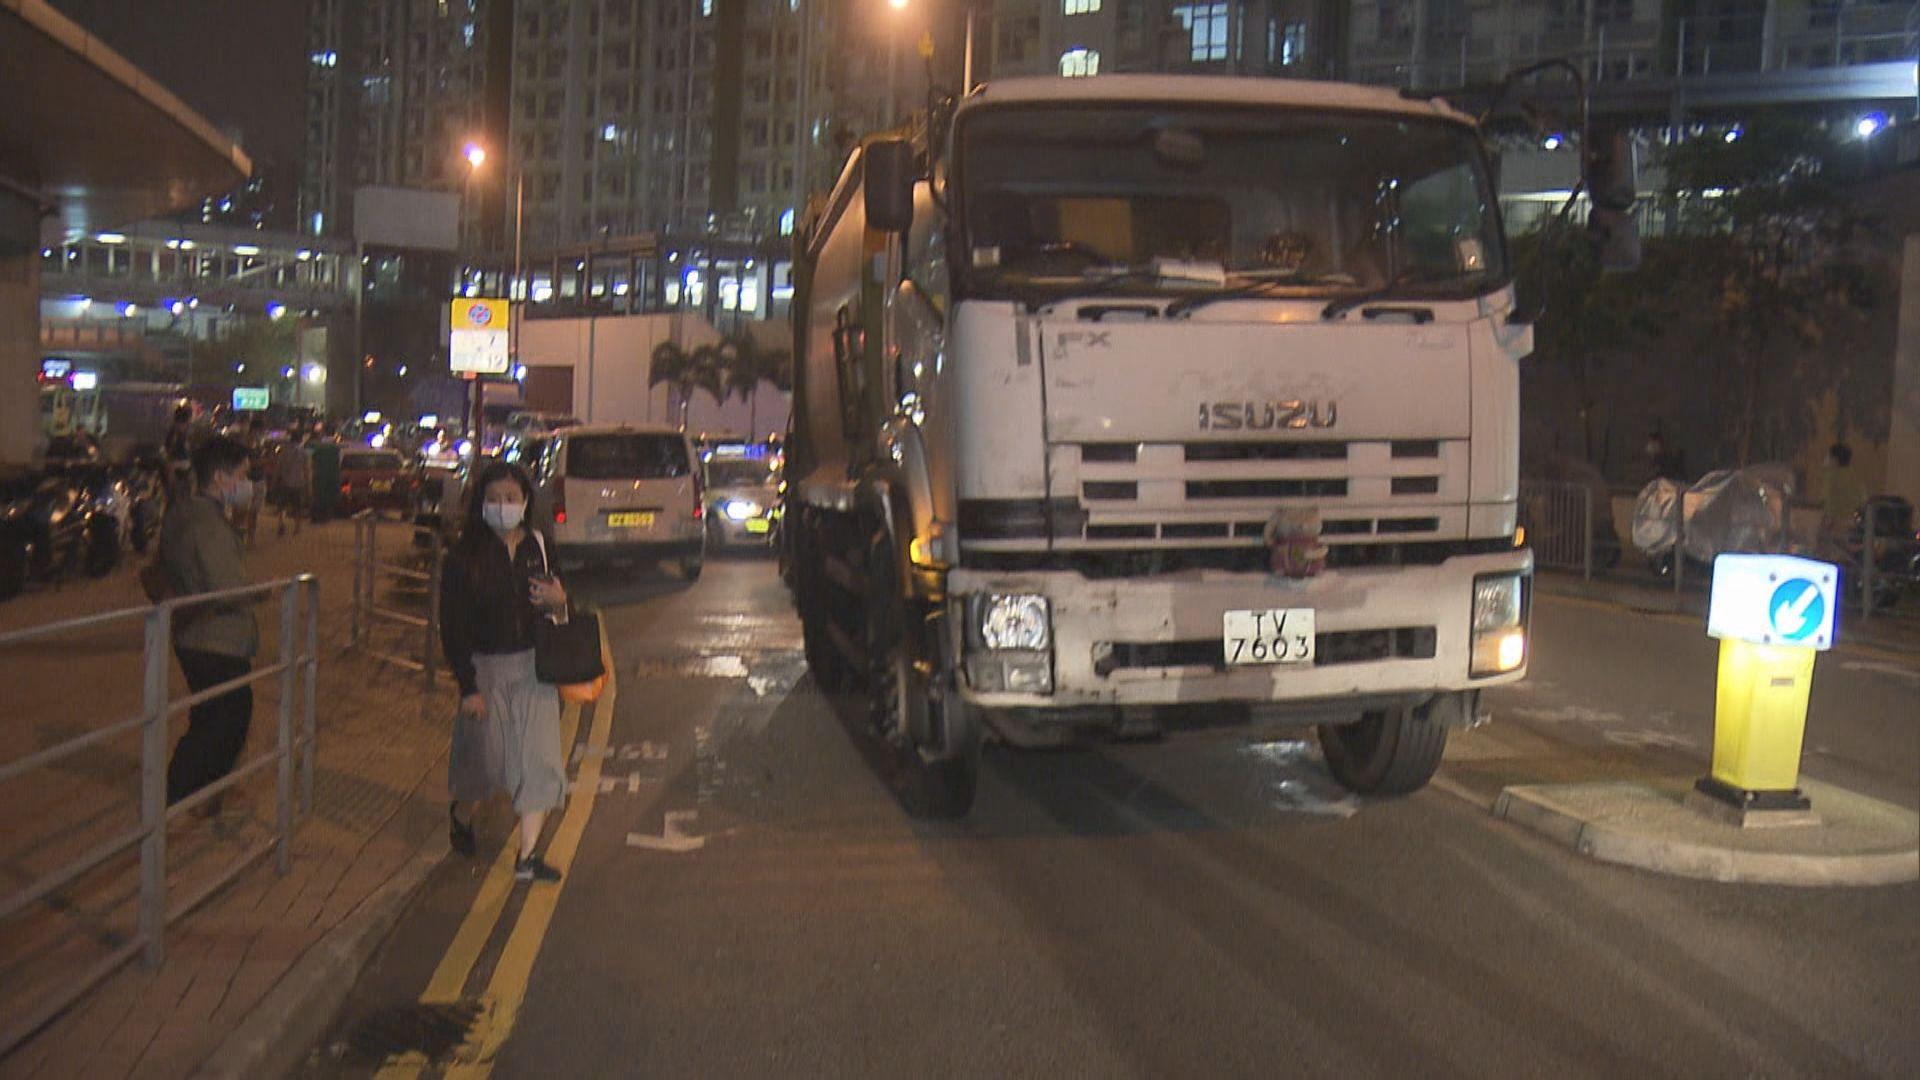 秀茂坪有垃圾車撞倒過路女途人 昏迷送院